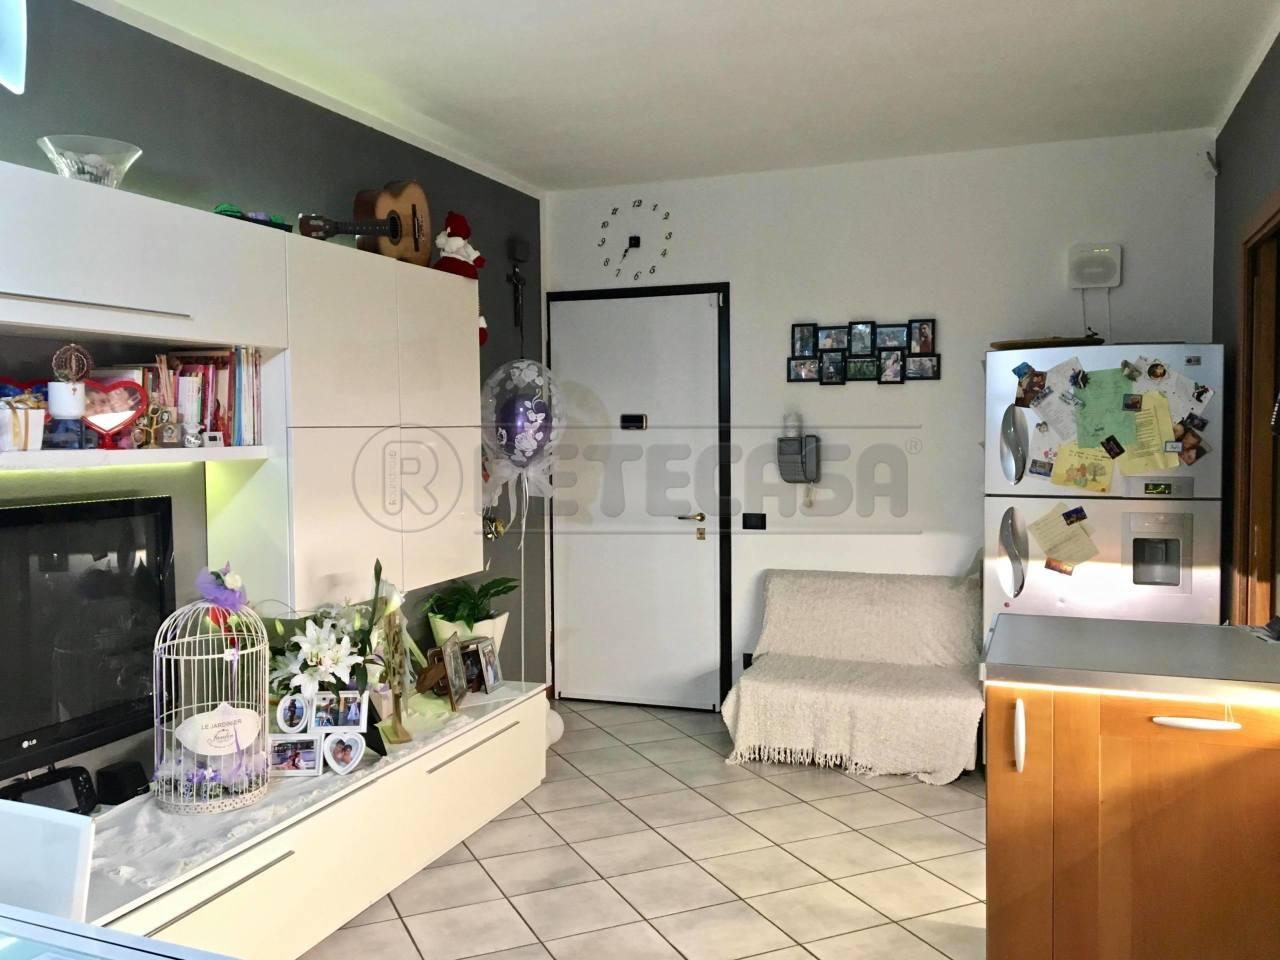 Appartamento - Appartamento piano terra con giardino a Stigliano, Santa Maria di Sala